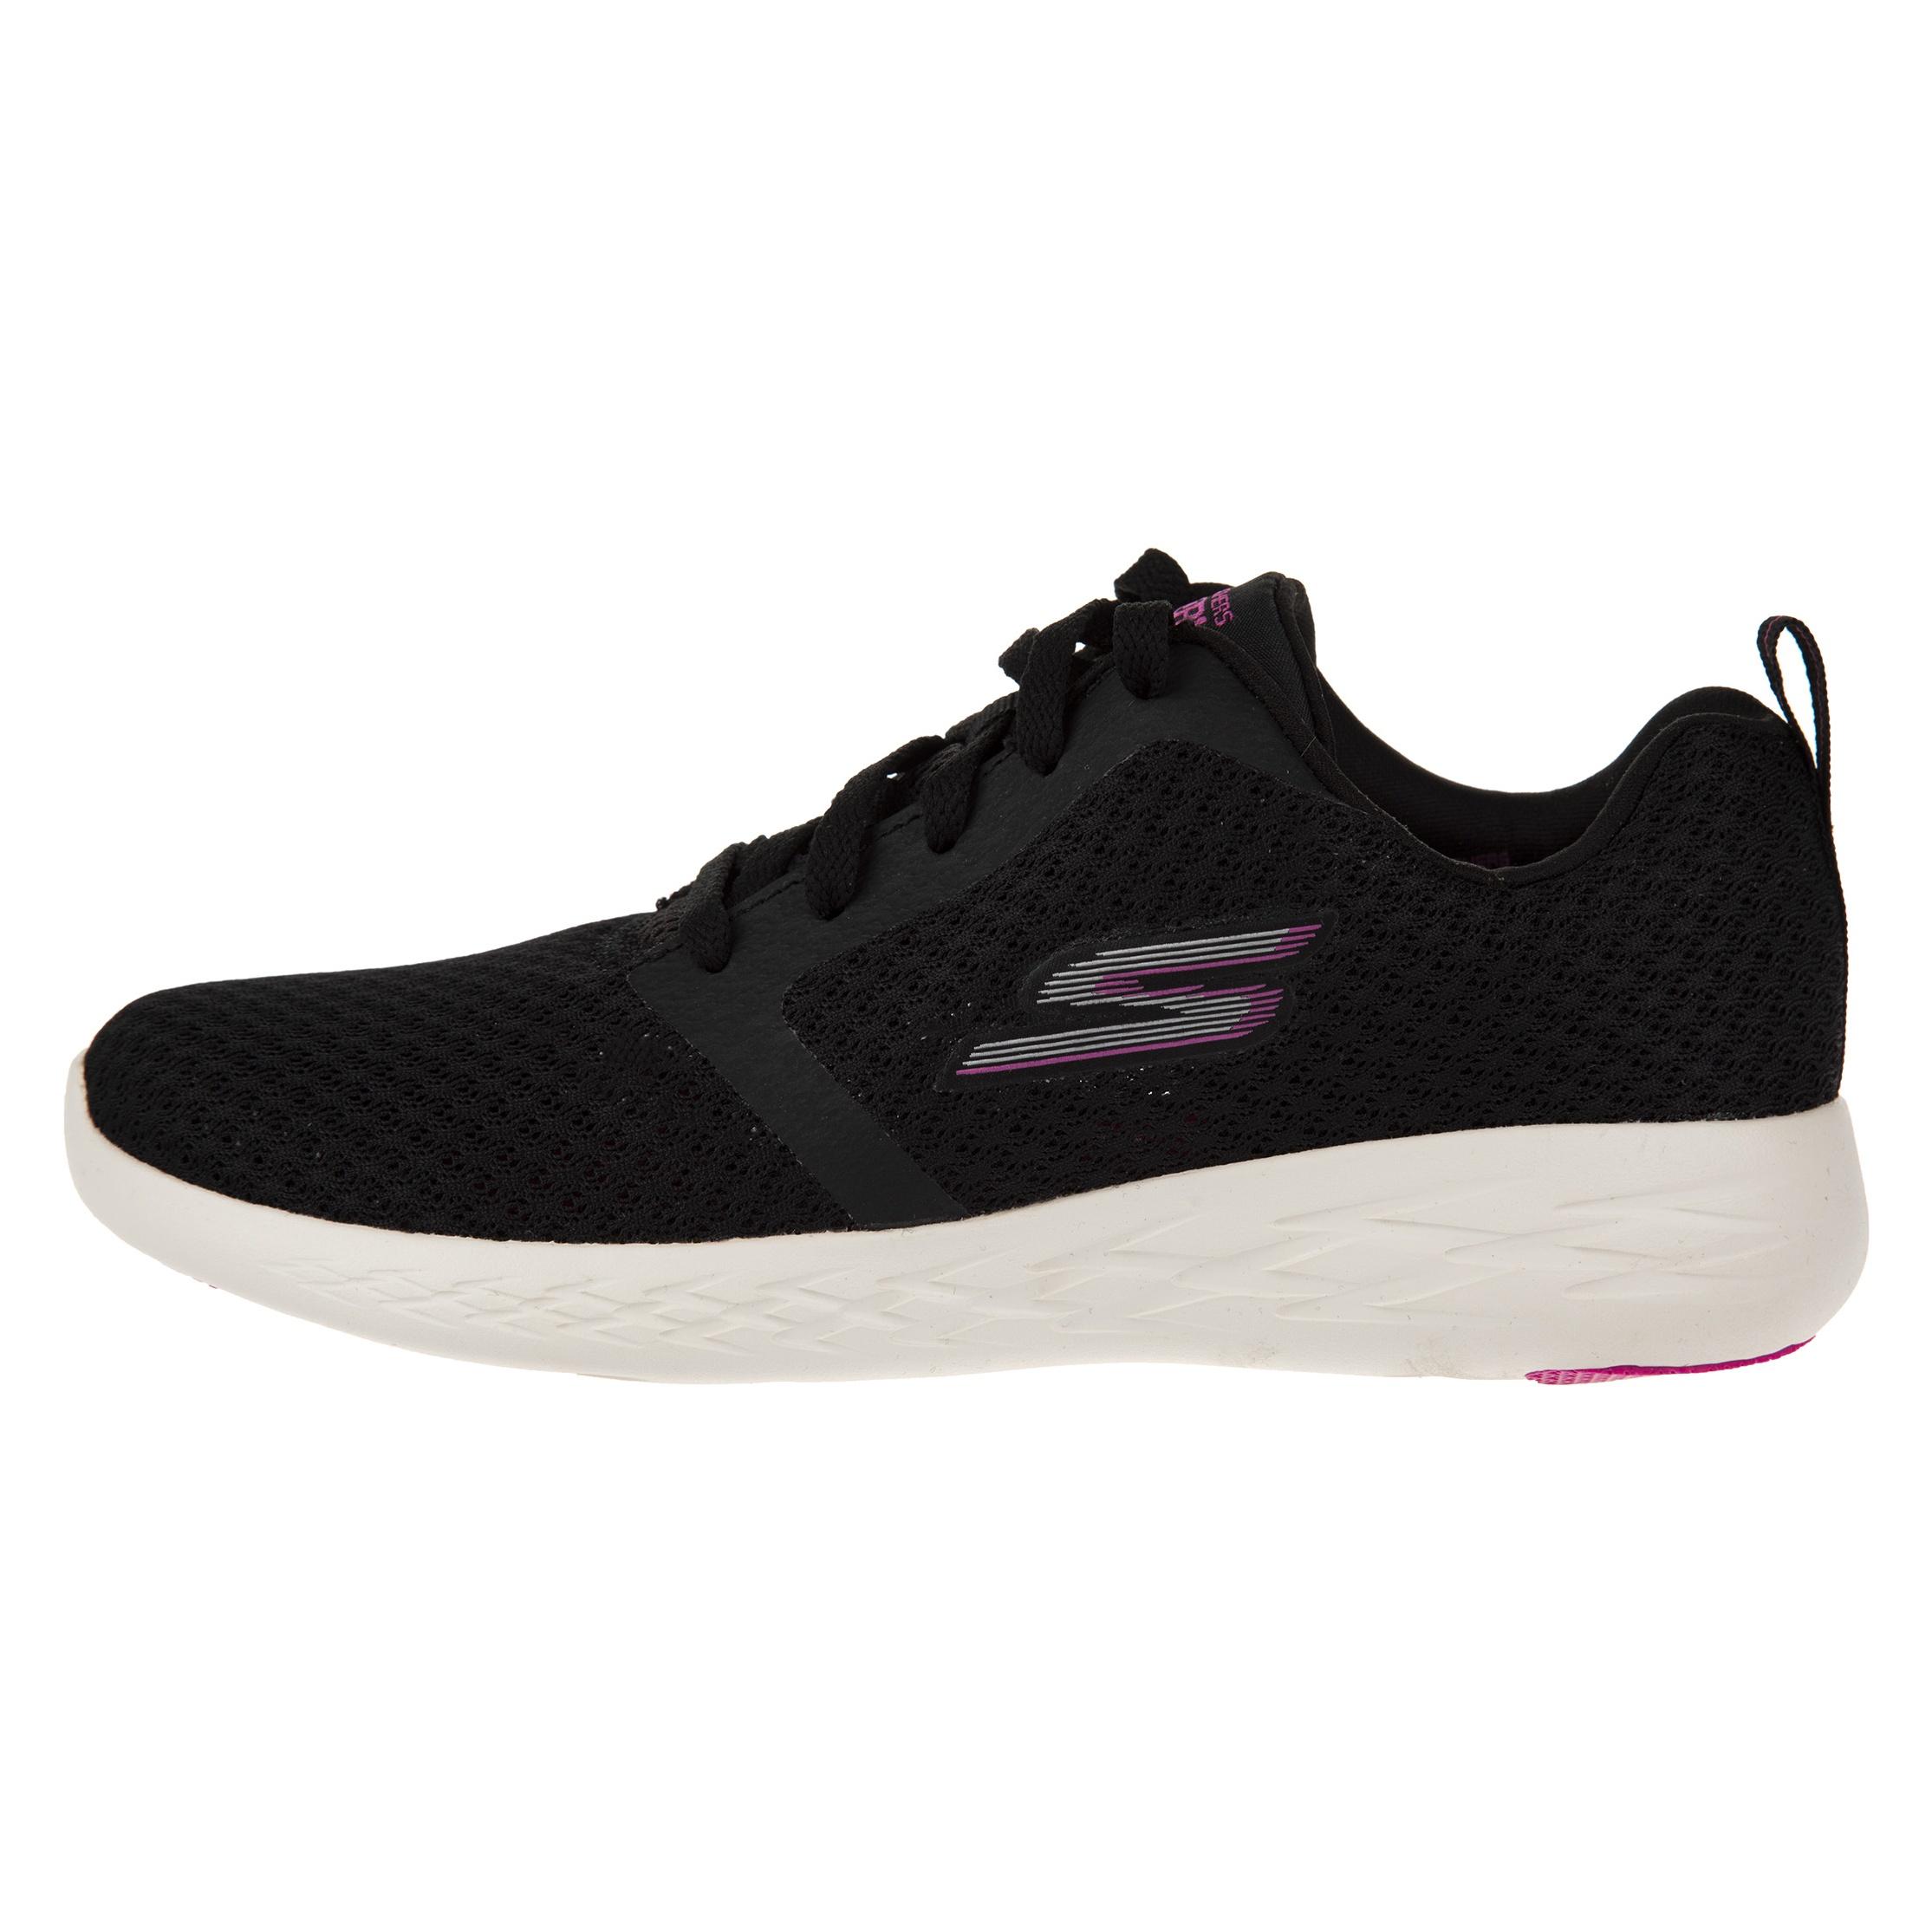 کفش دویدن زنانه اسکچرز مدل Go Run 600-BKPK